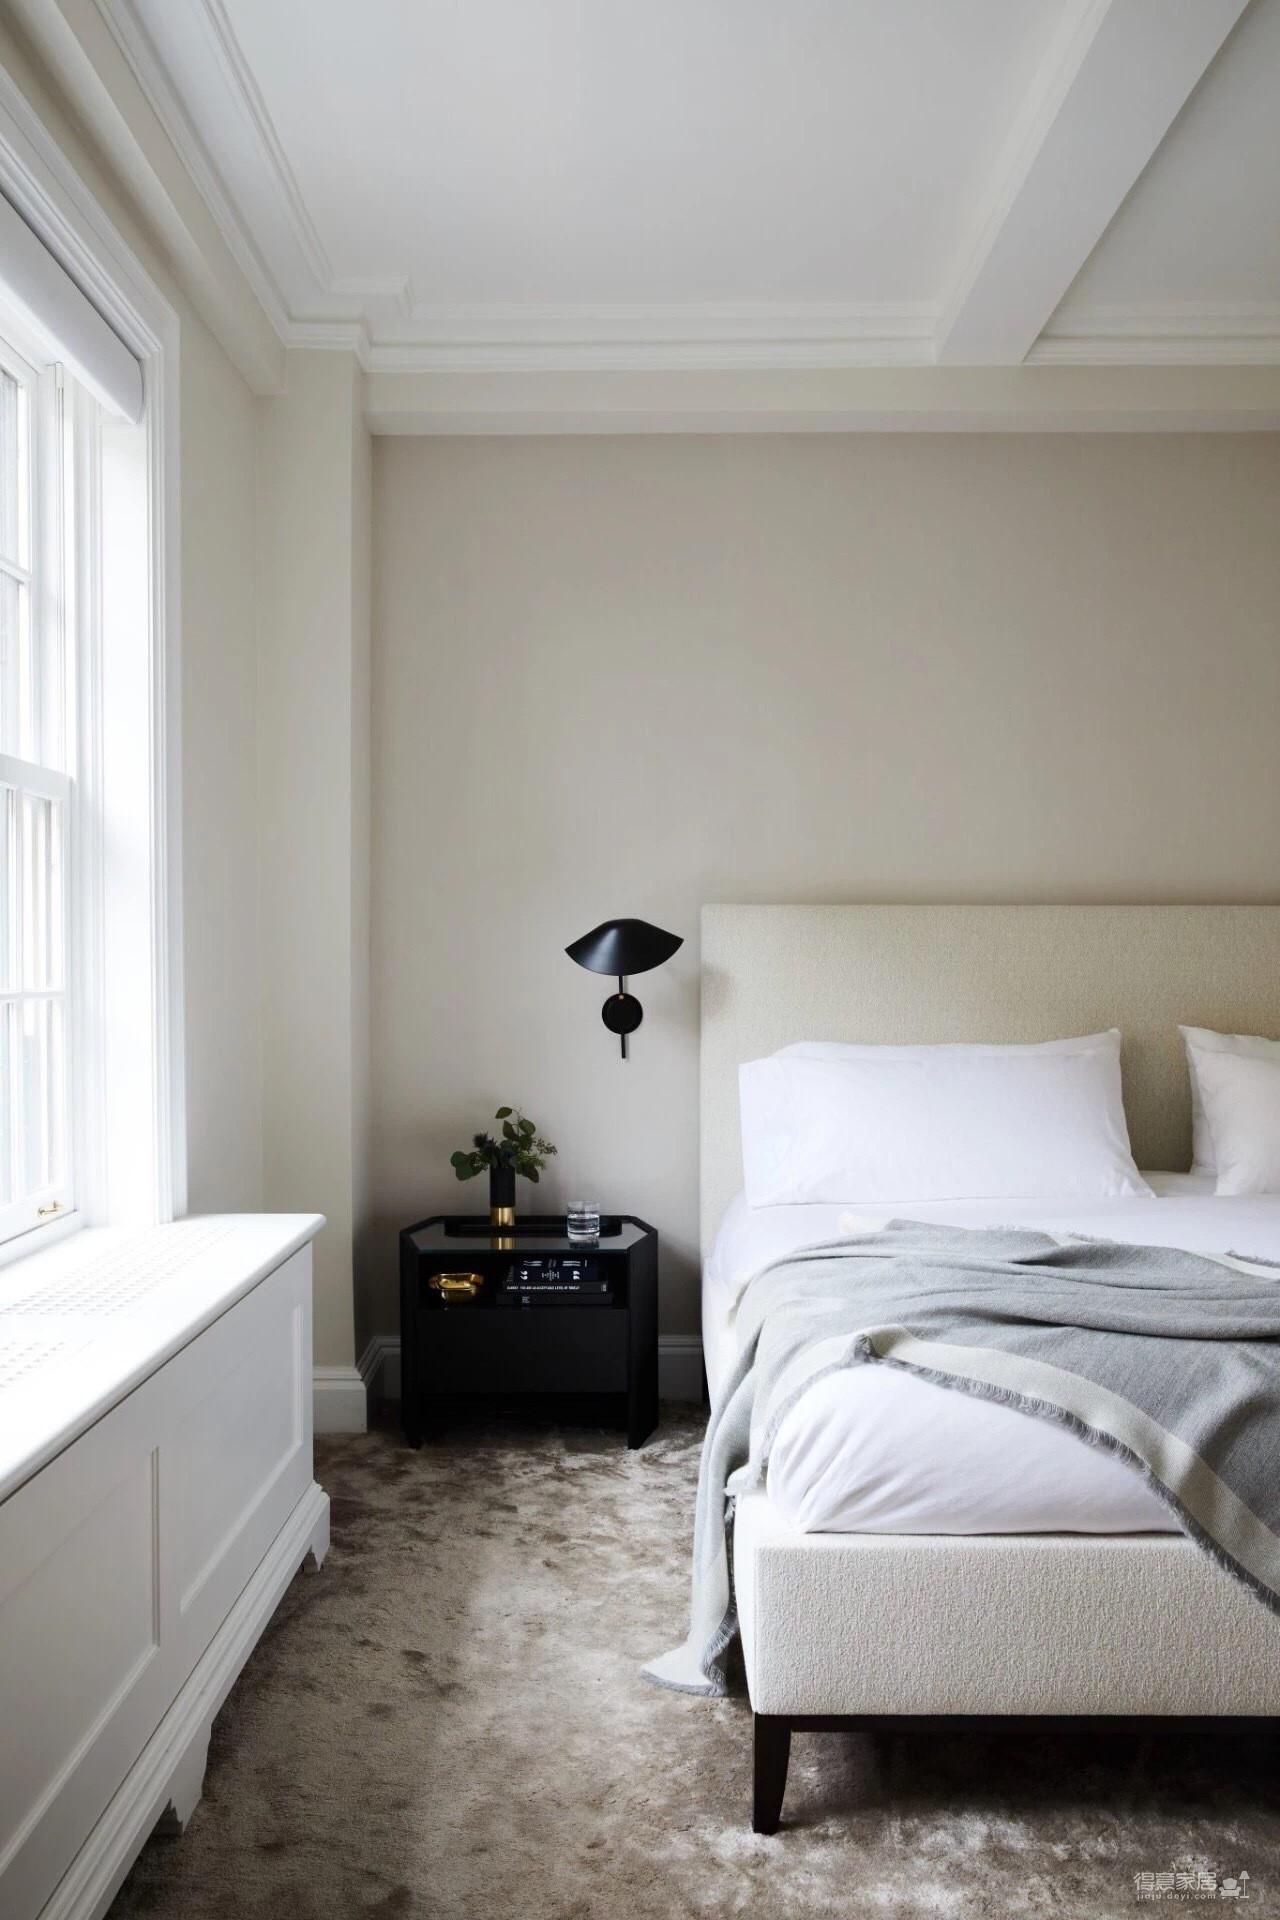 摒弃一切老旧陈设和装饰,重新构建出迷人的现代居室